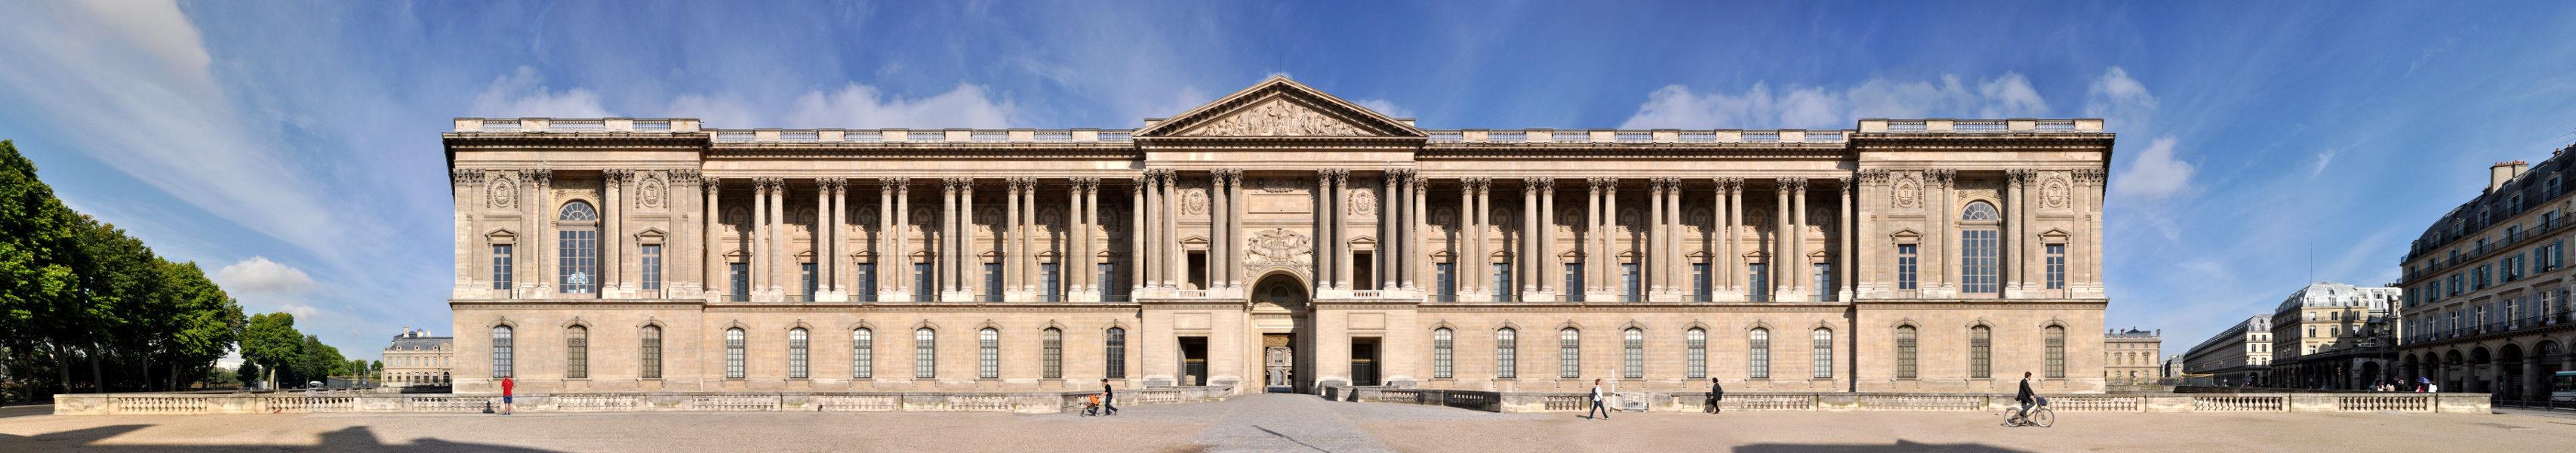 Louvre Palast | Perrault's Kolonnade